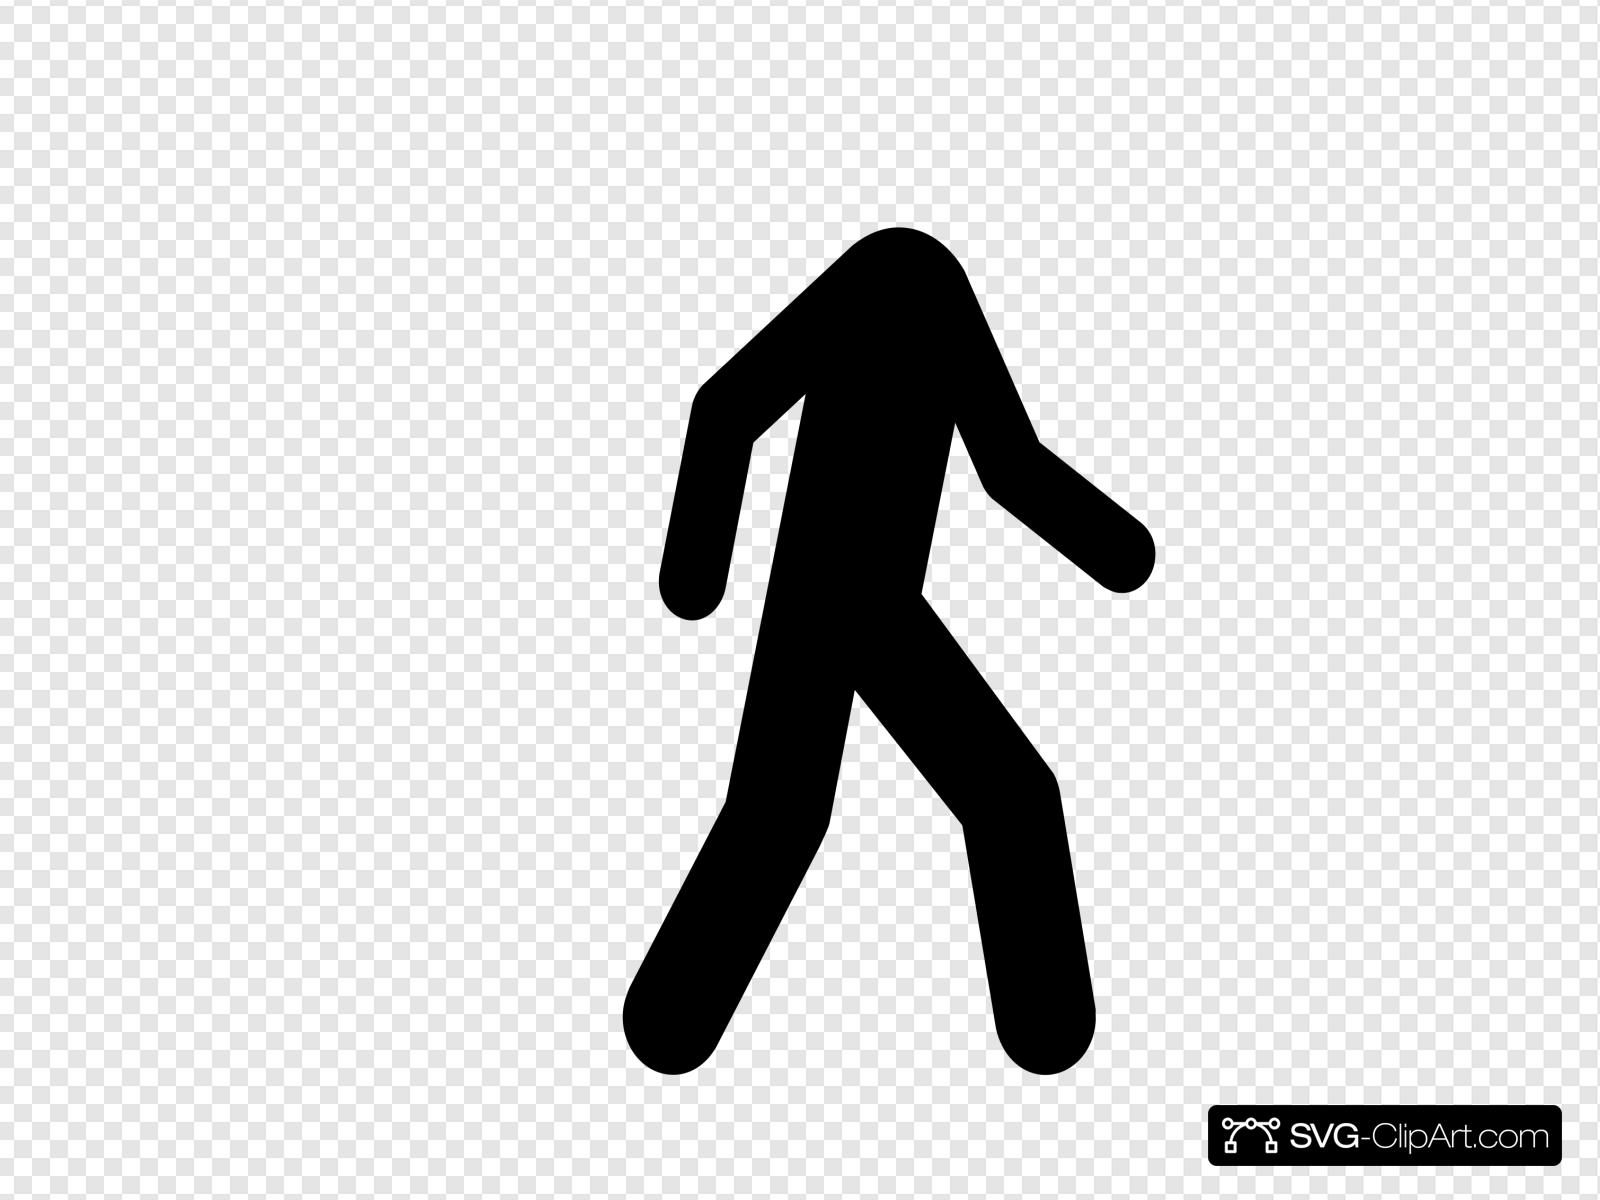 Headless clipart svg download Headless Walking Clip art, Icon and SVG - SVG Clipart svg download